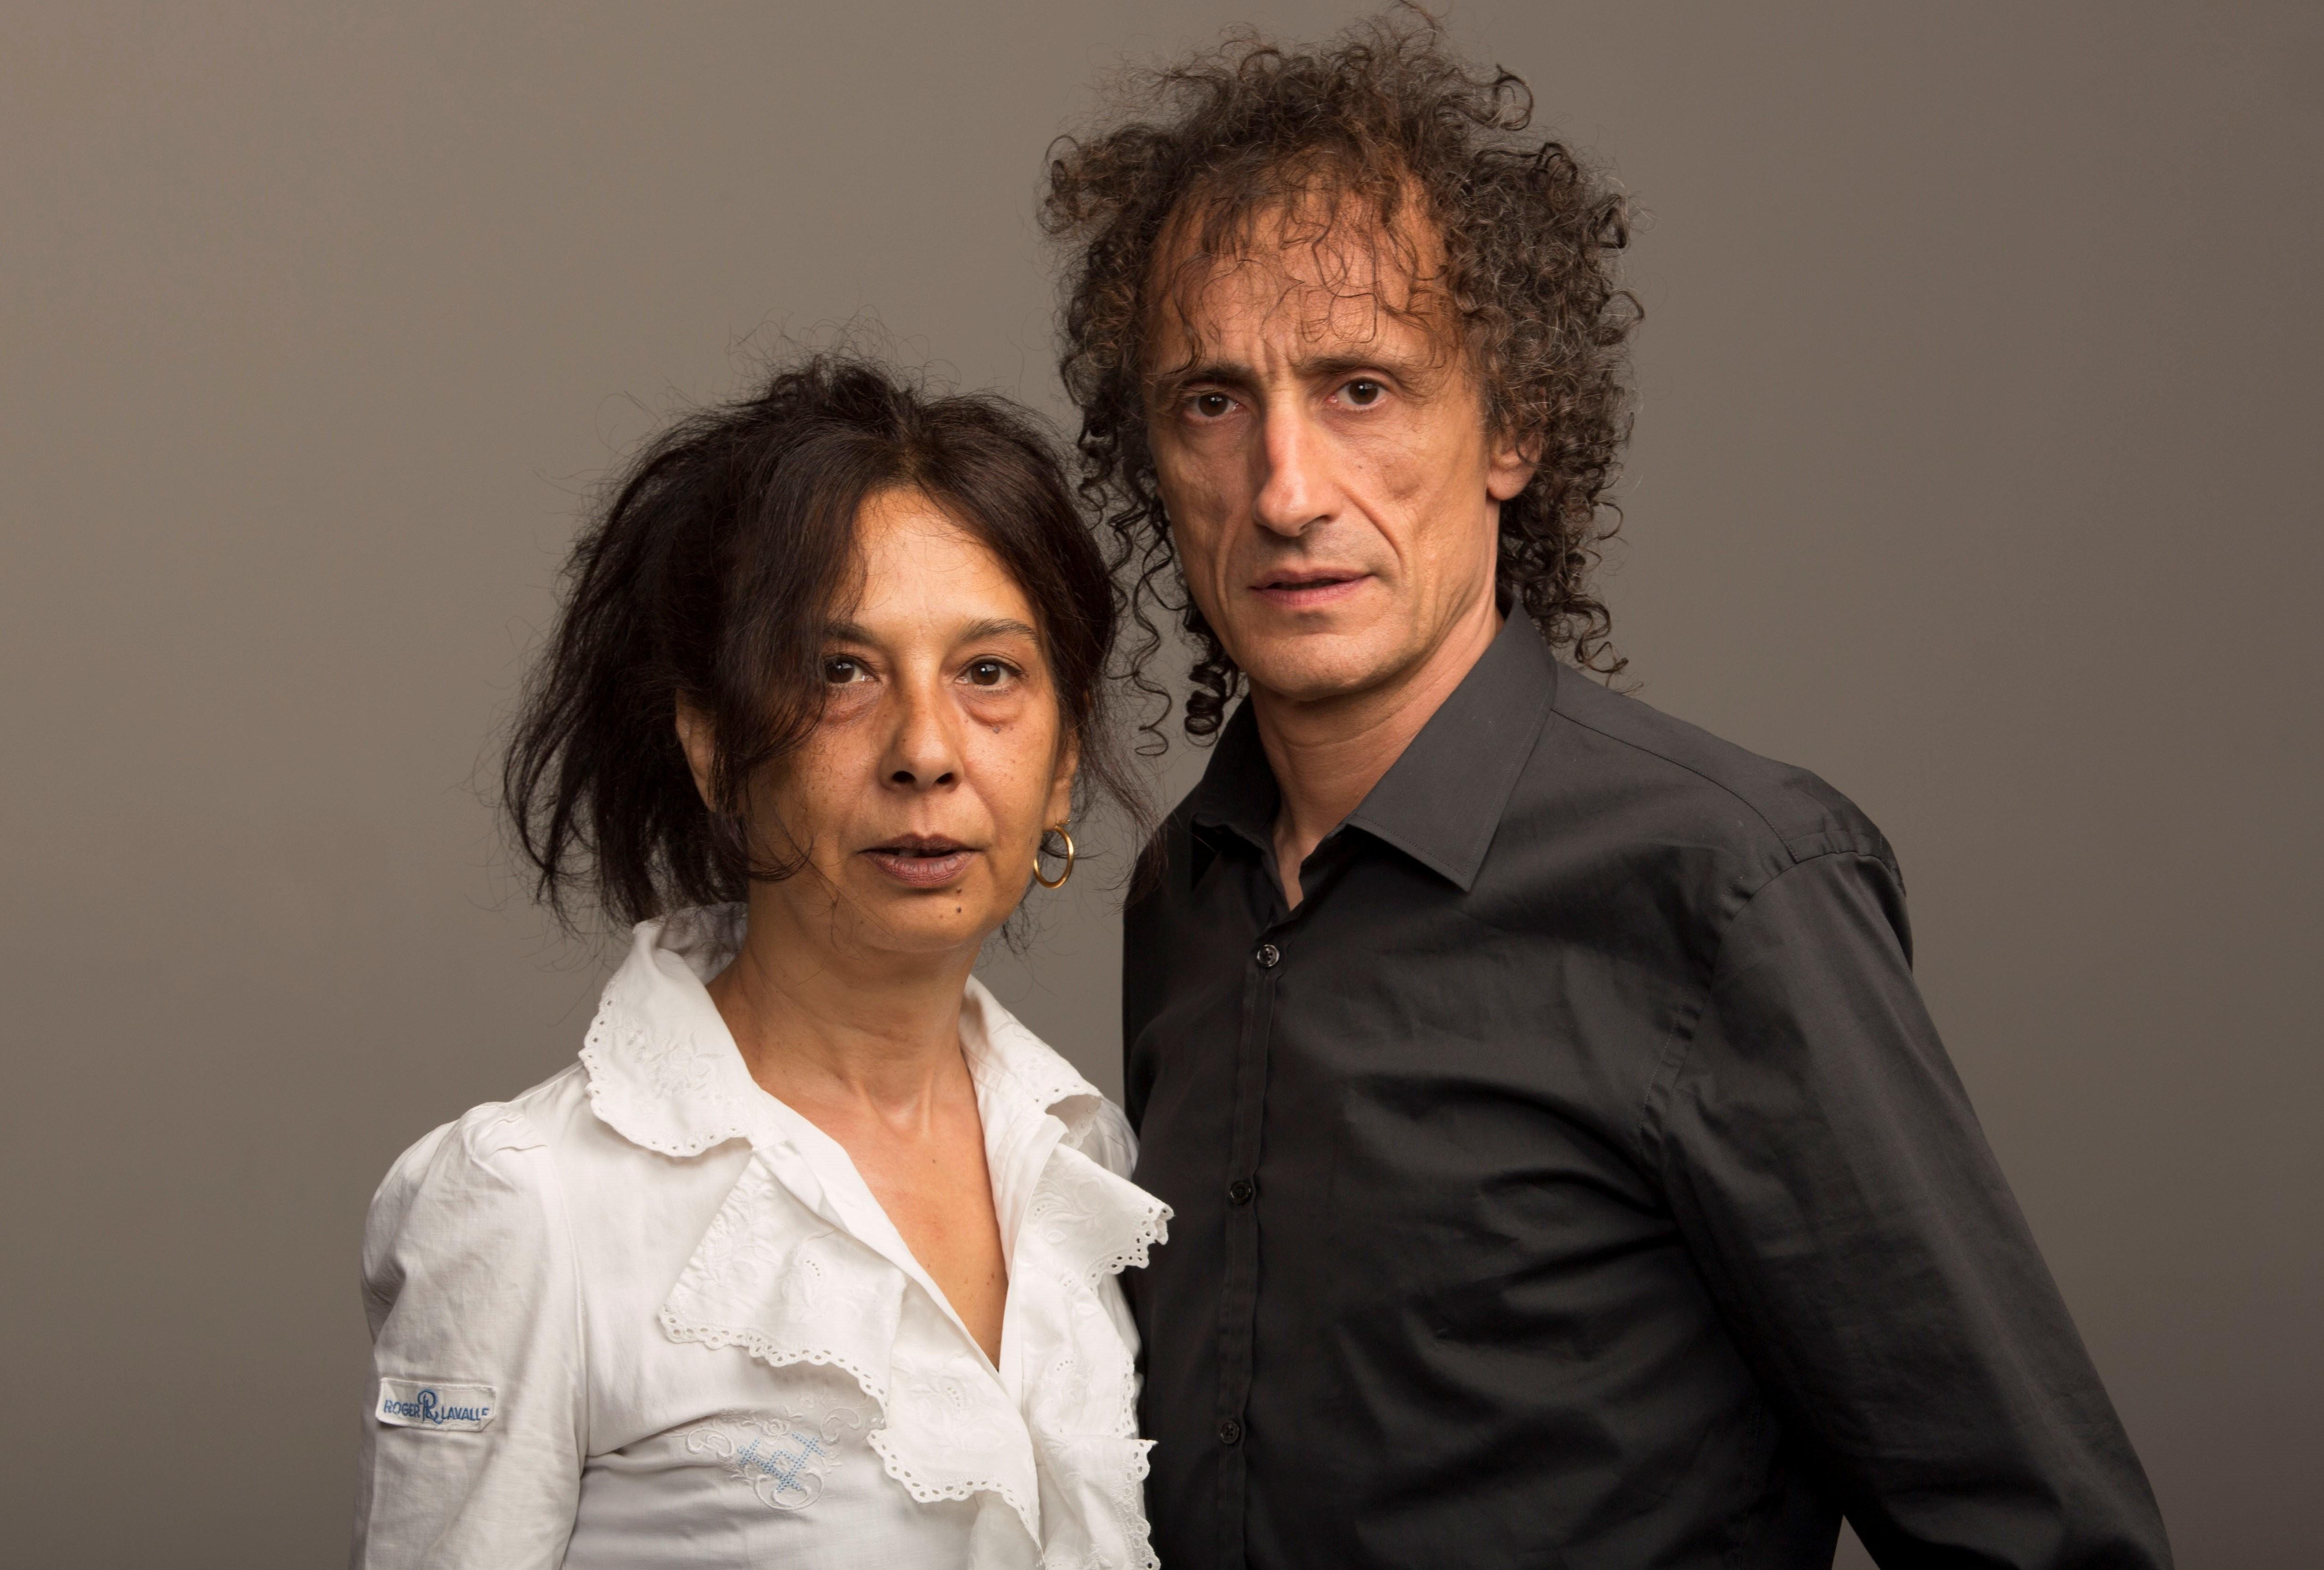 INCONTRO E PROIEZIONE ANTONIO REZZA E FLAVIA MASTRELLA alla Galleria Nazionale